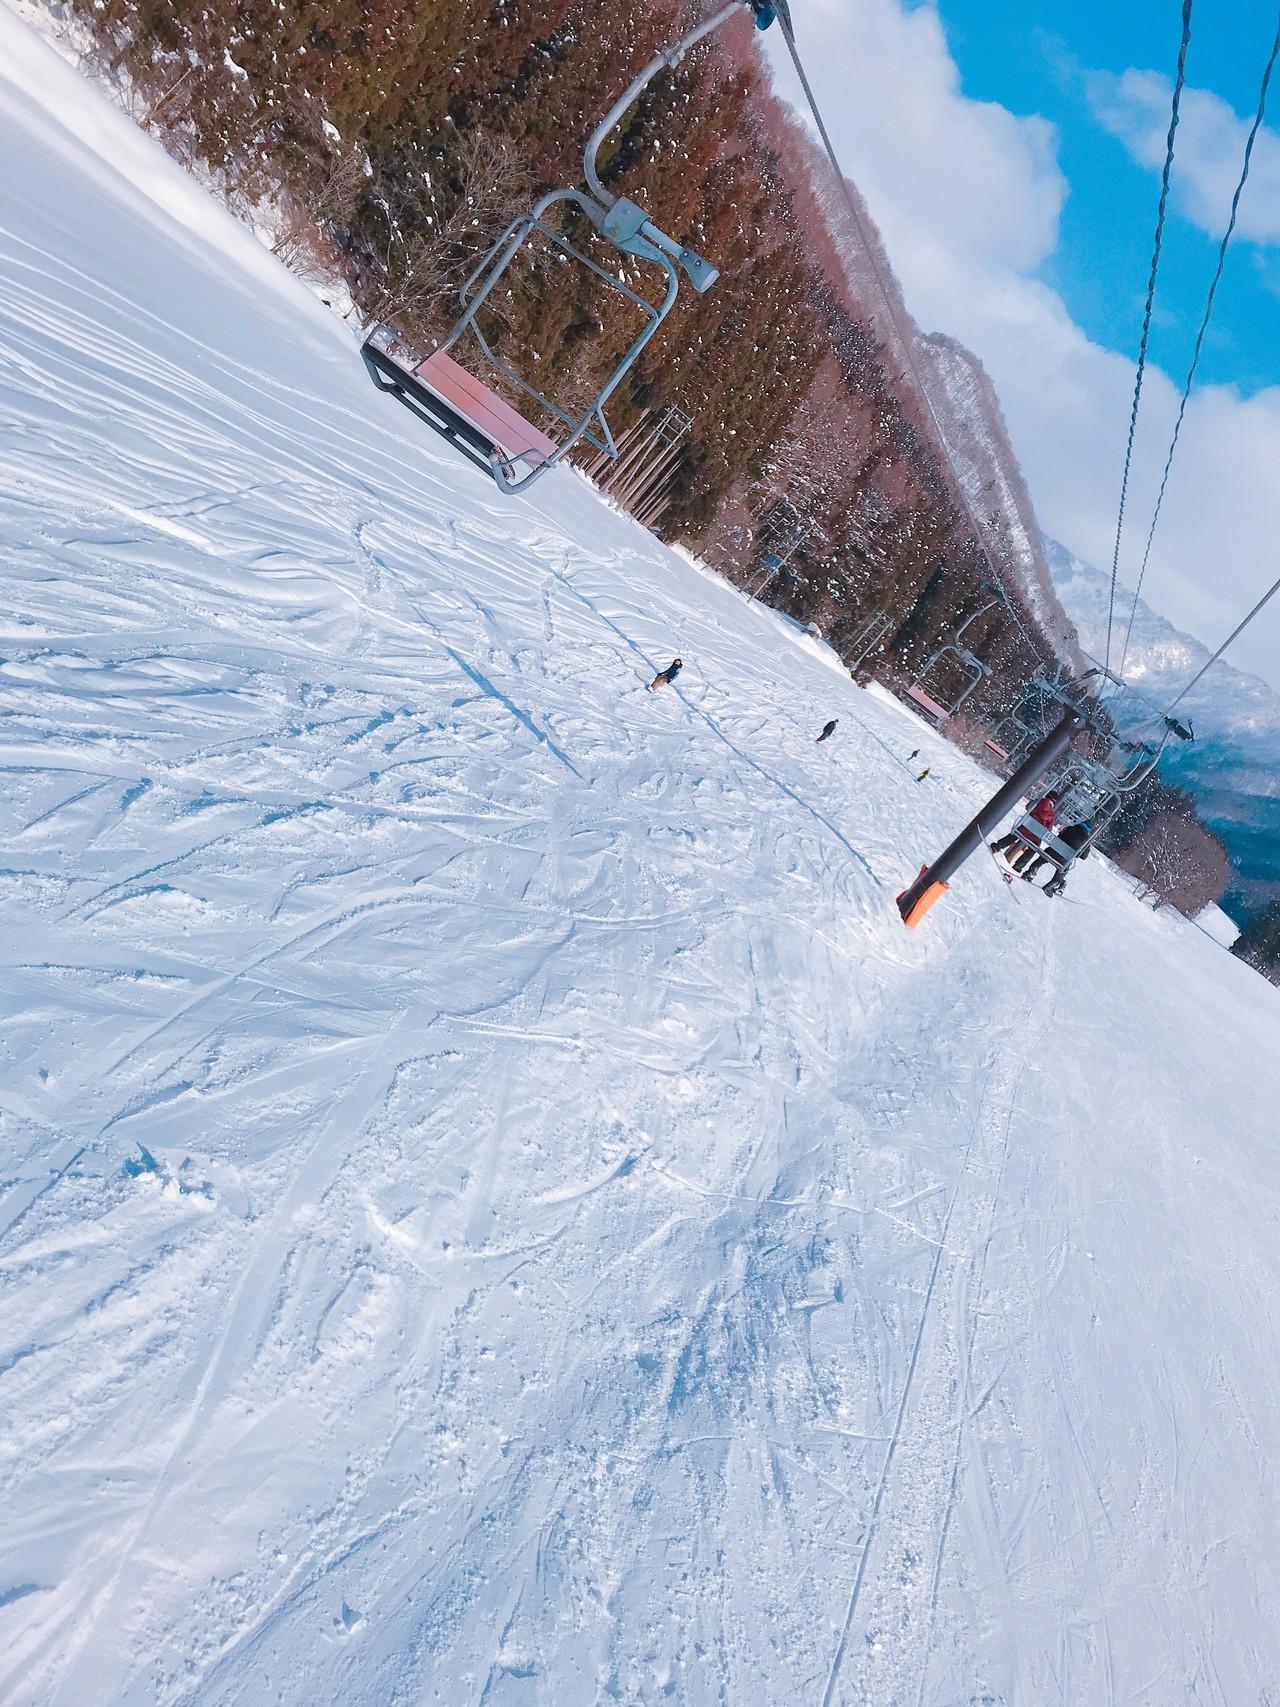 野沢温泉村のスキー場